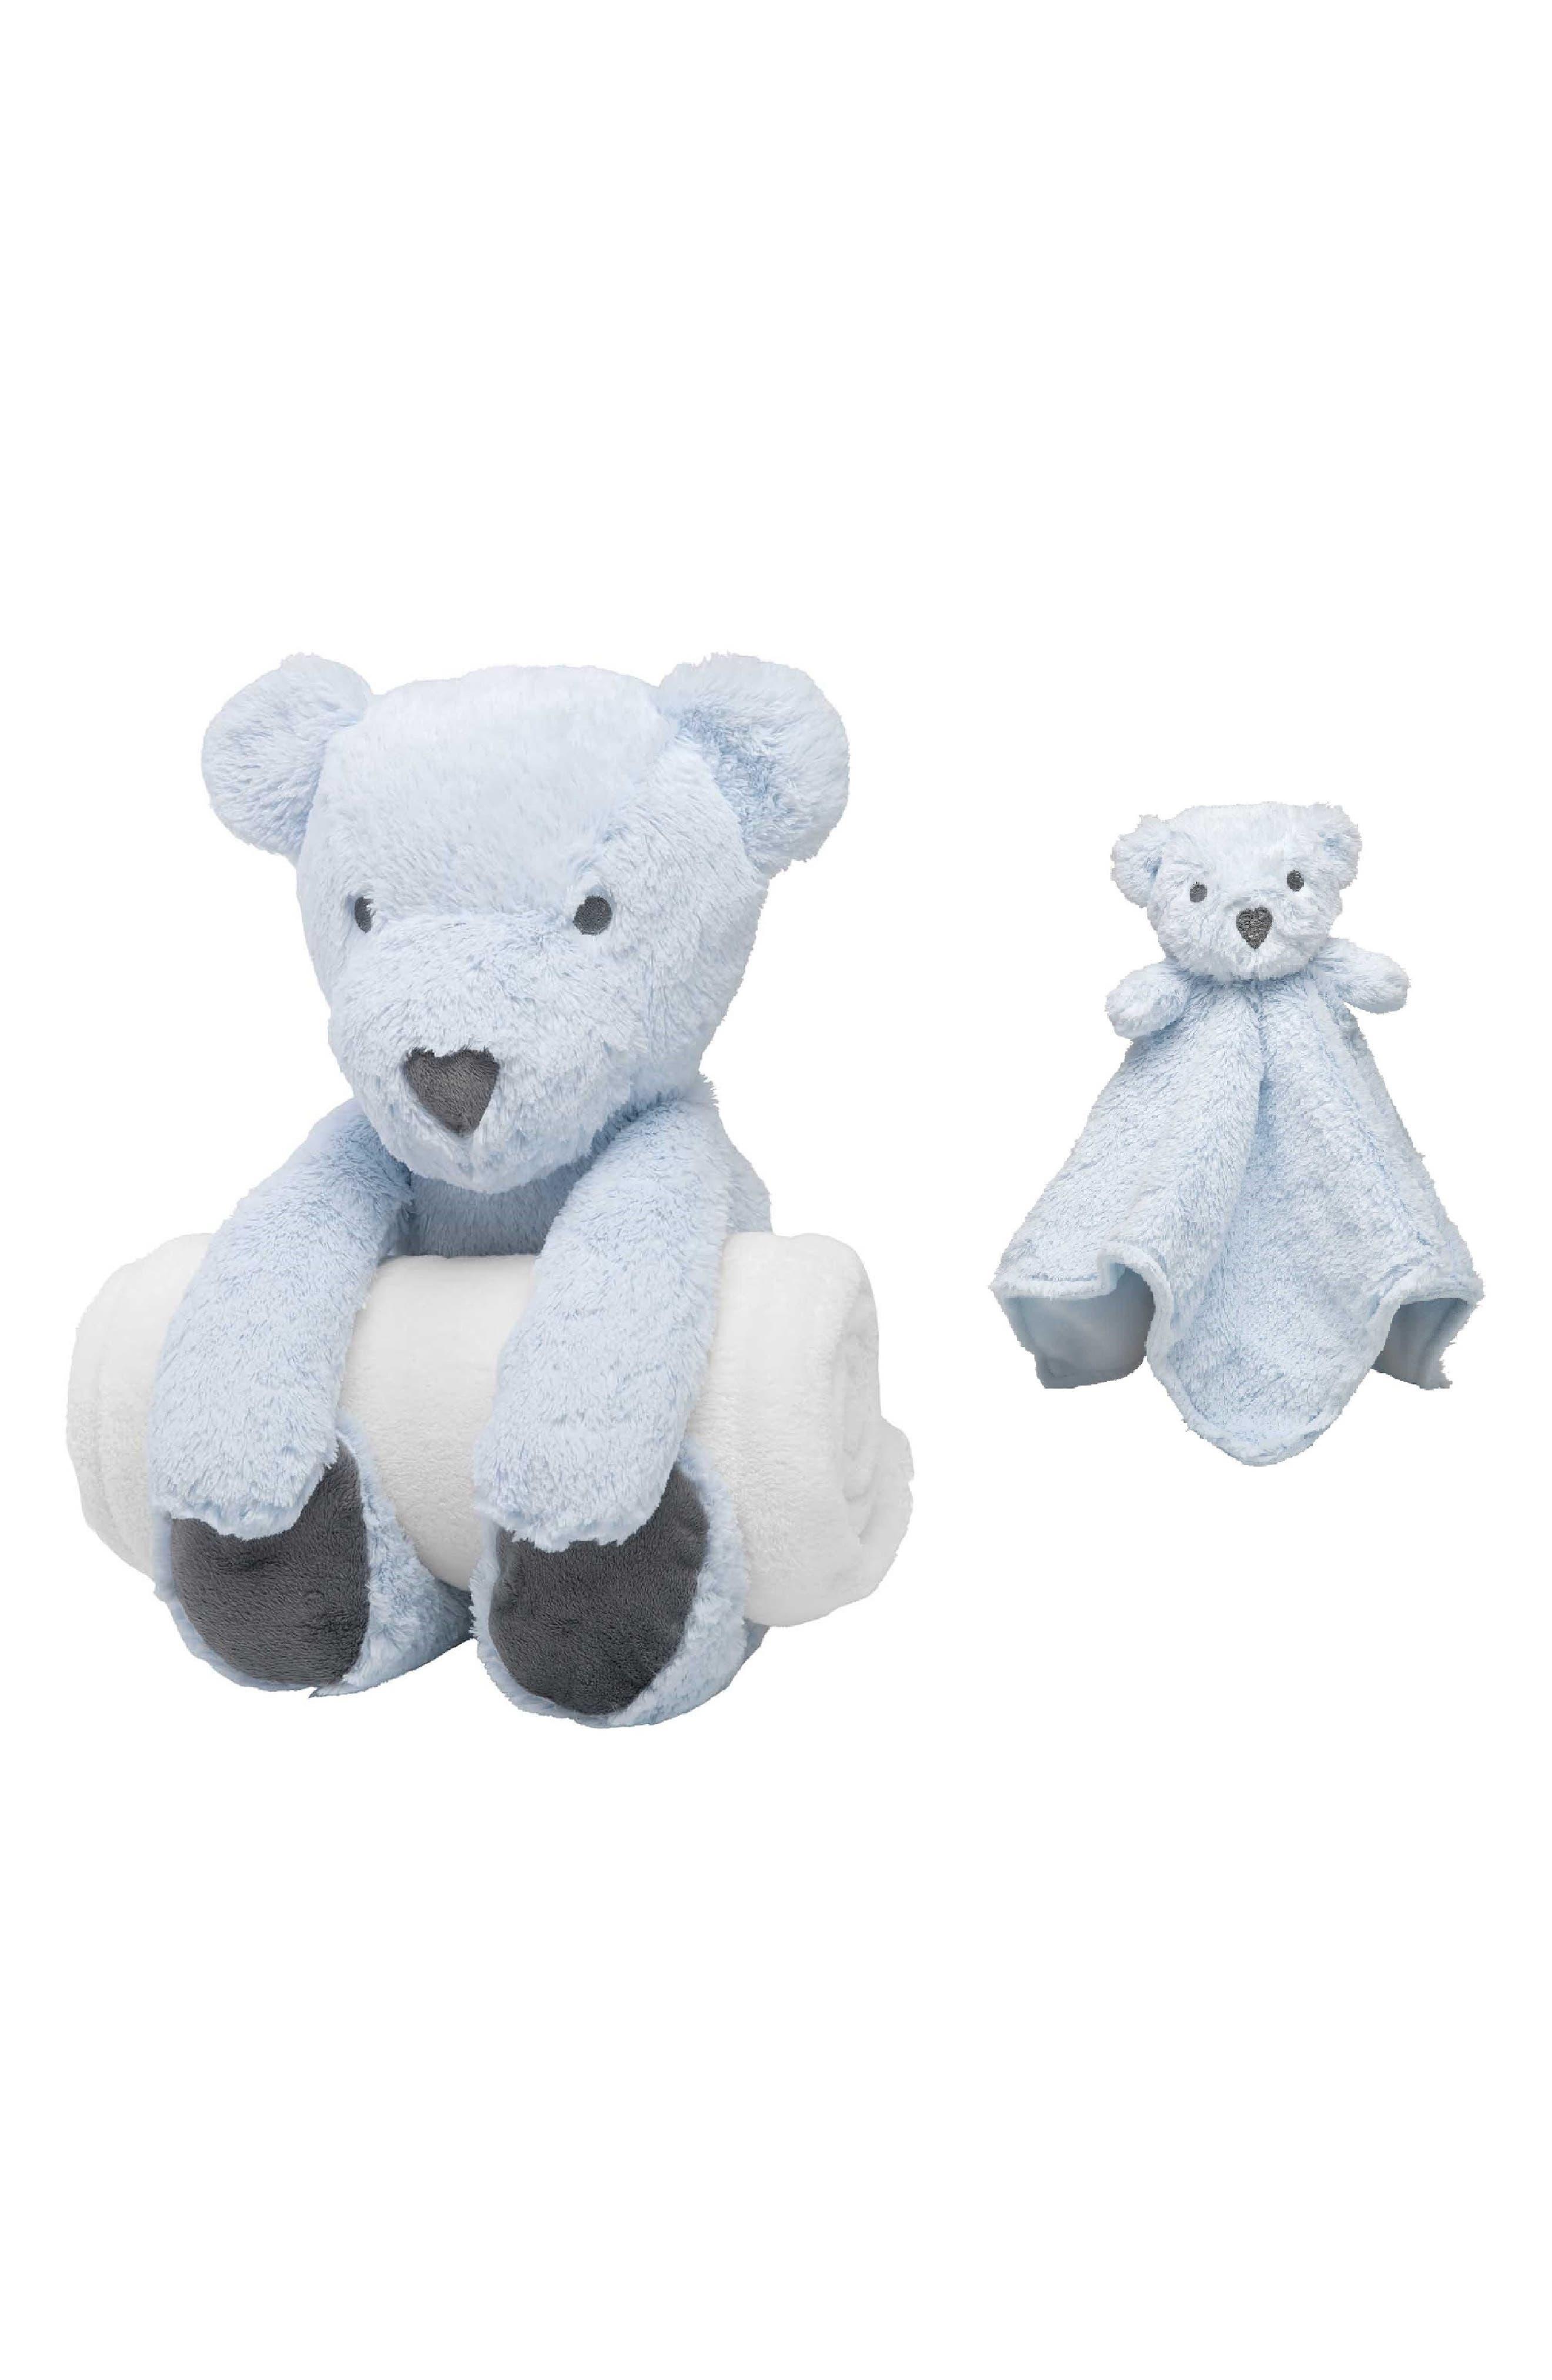 Elegant Baby Bear Bedtime Huggie Stuffed Animal Blanket Security